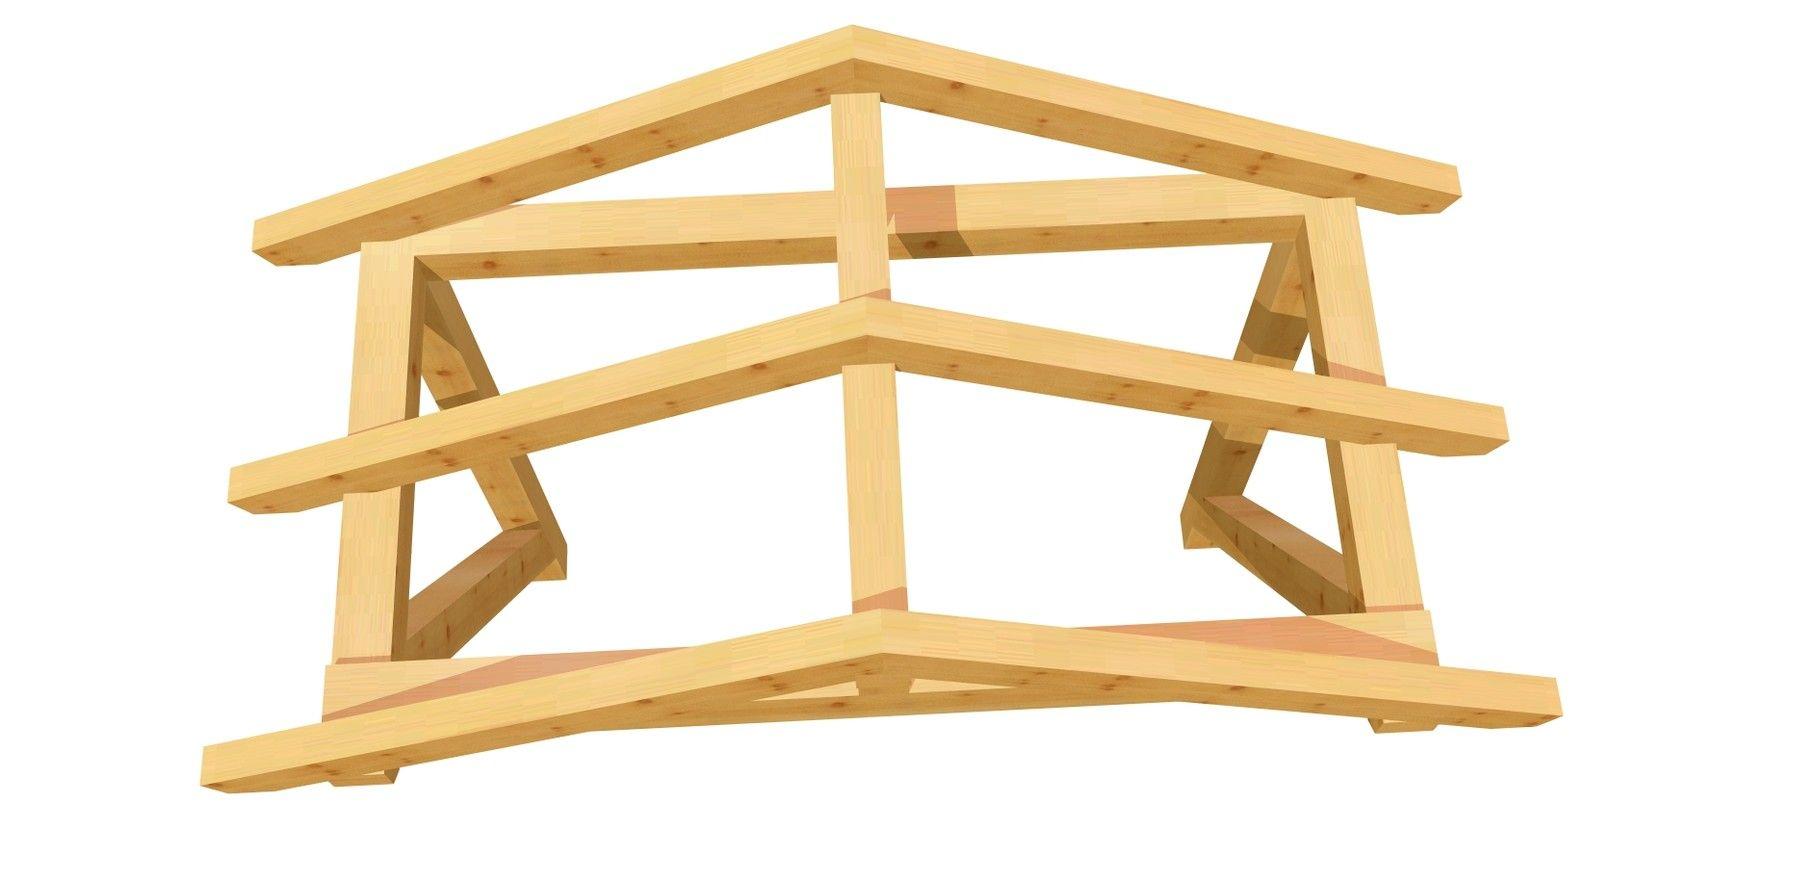 Bauanleitung Holz Vordach Satteldach 2m X 2 24m Vordach Selber Bauen Vordach Gartenhaus Dach